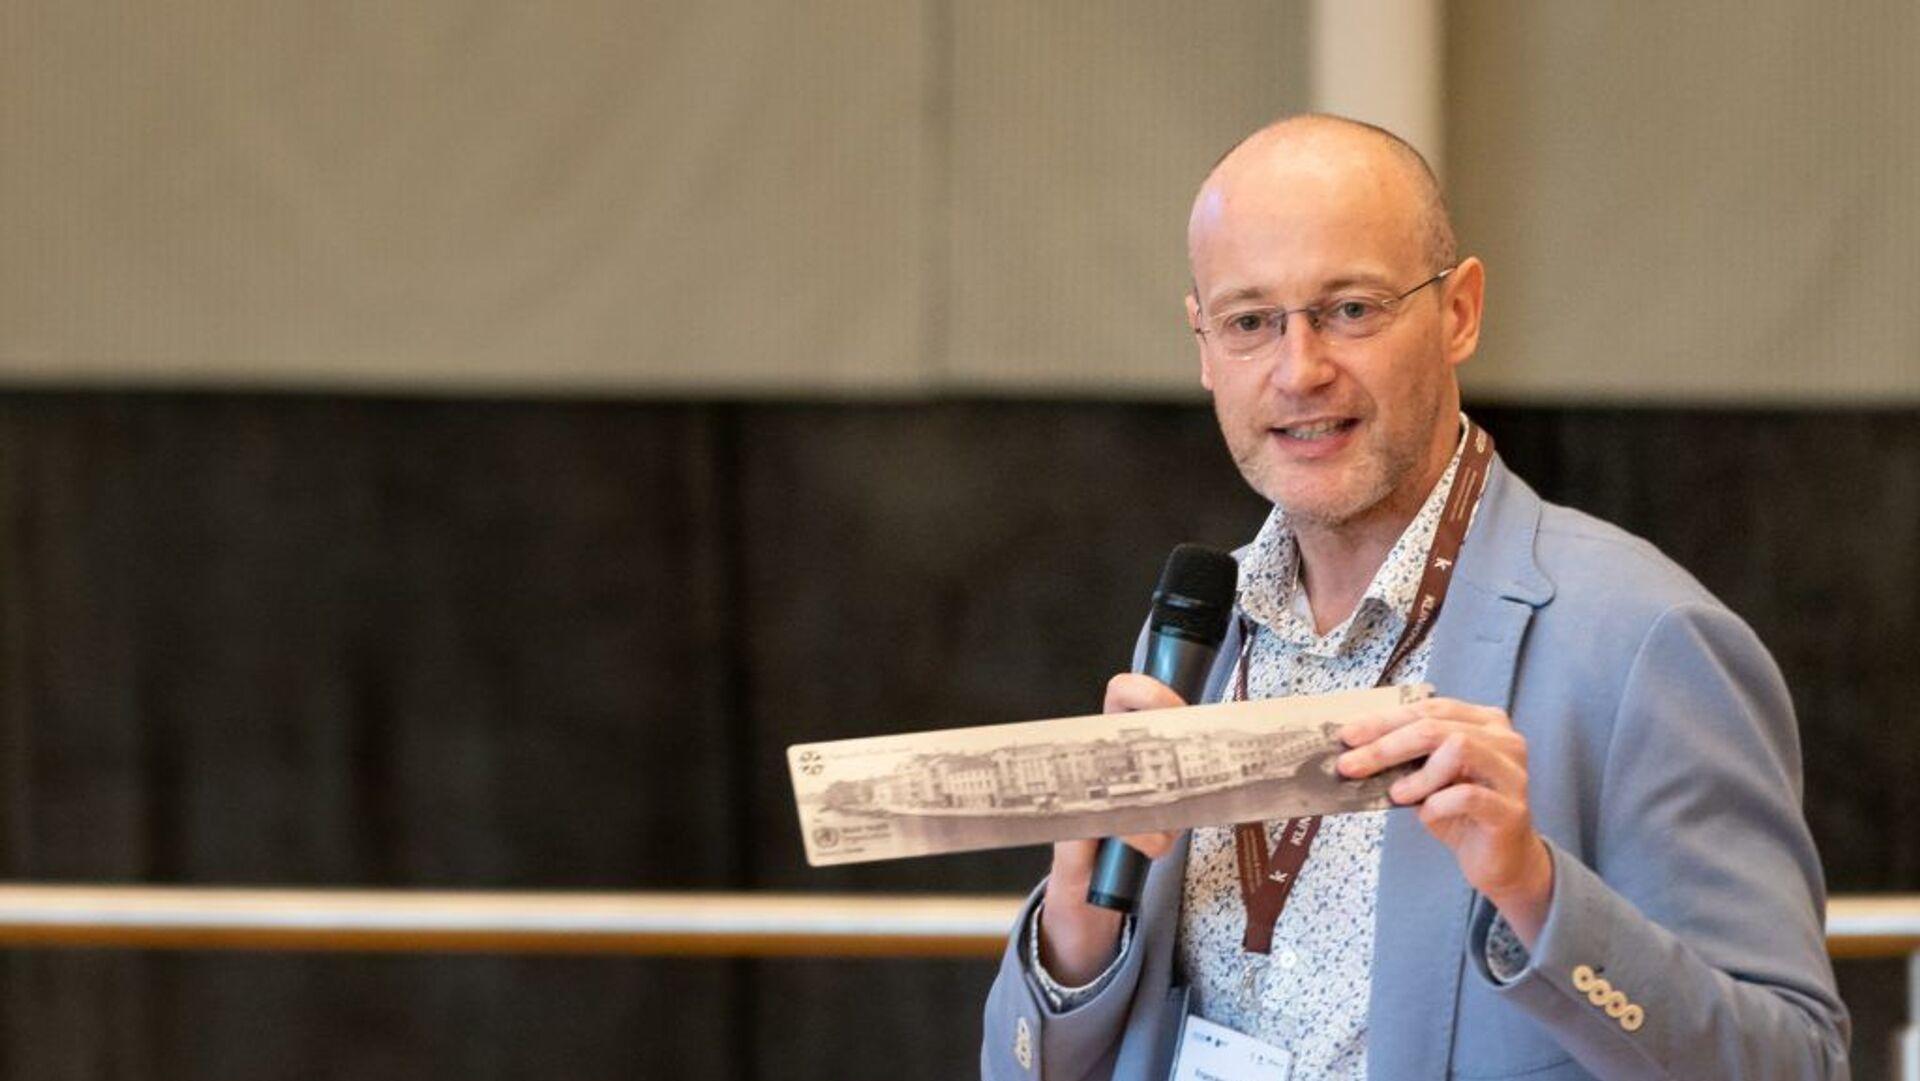 Francesco Zambon, ex ricercatore dell'Organizzazione Mondiale della Sanità - Sputnik Italia, 1920, 10.05.2021